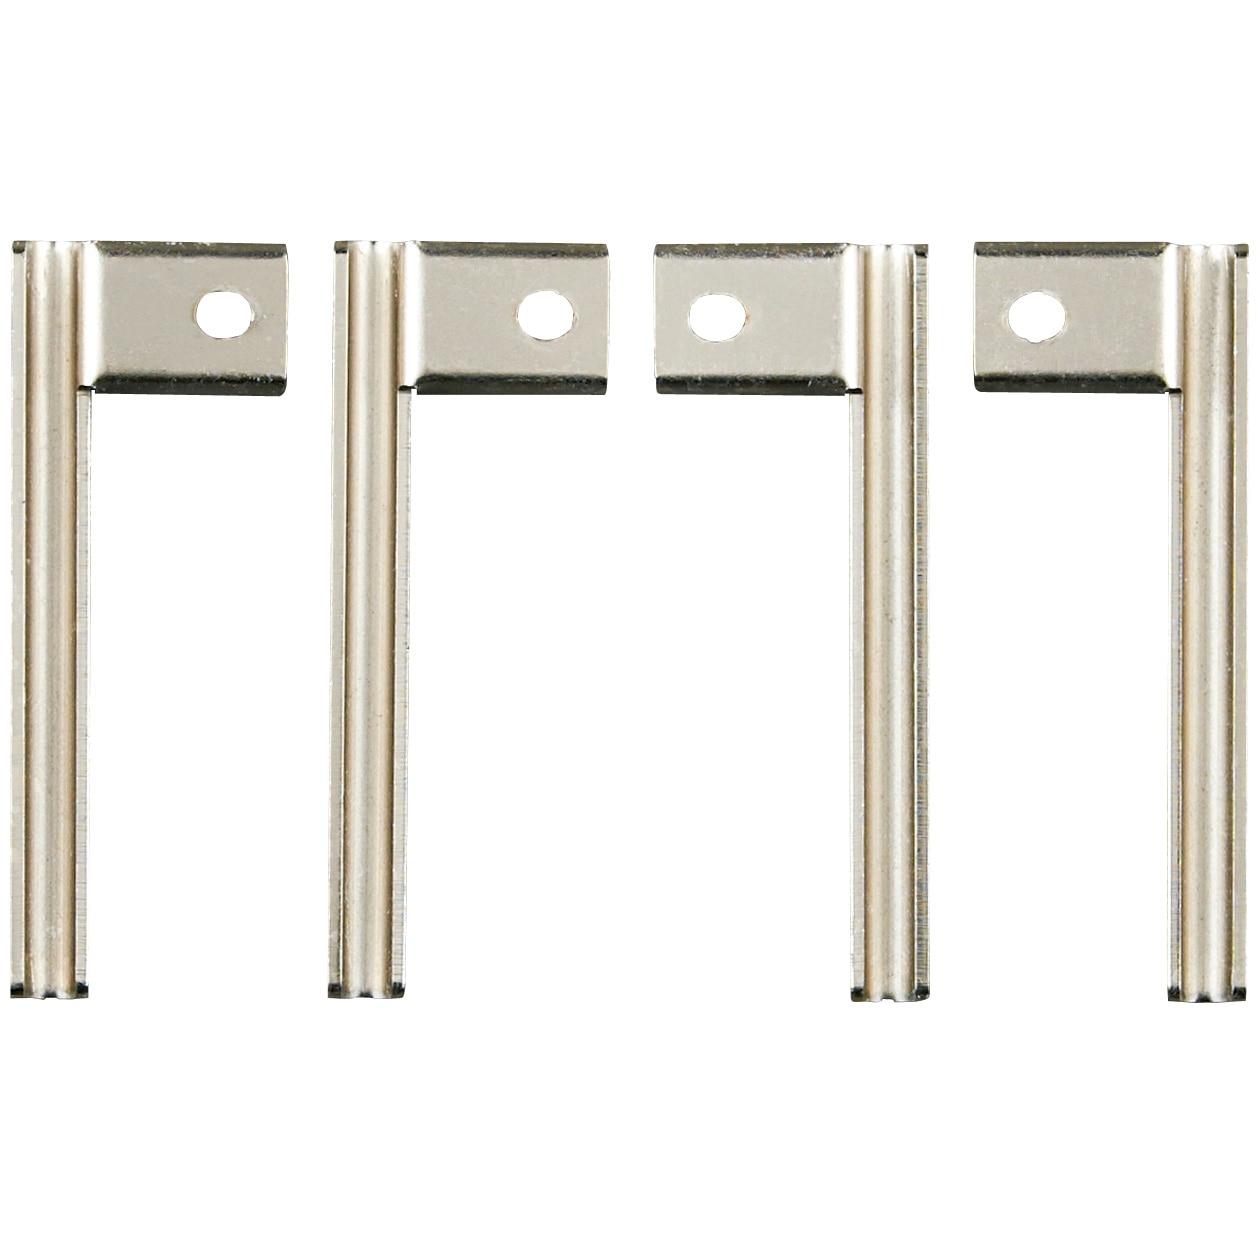 ステンレスユニットシェルフ用高さ調整金具